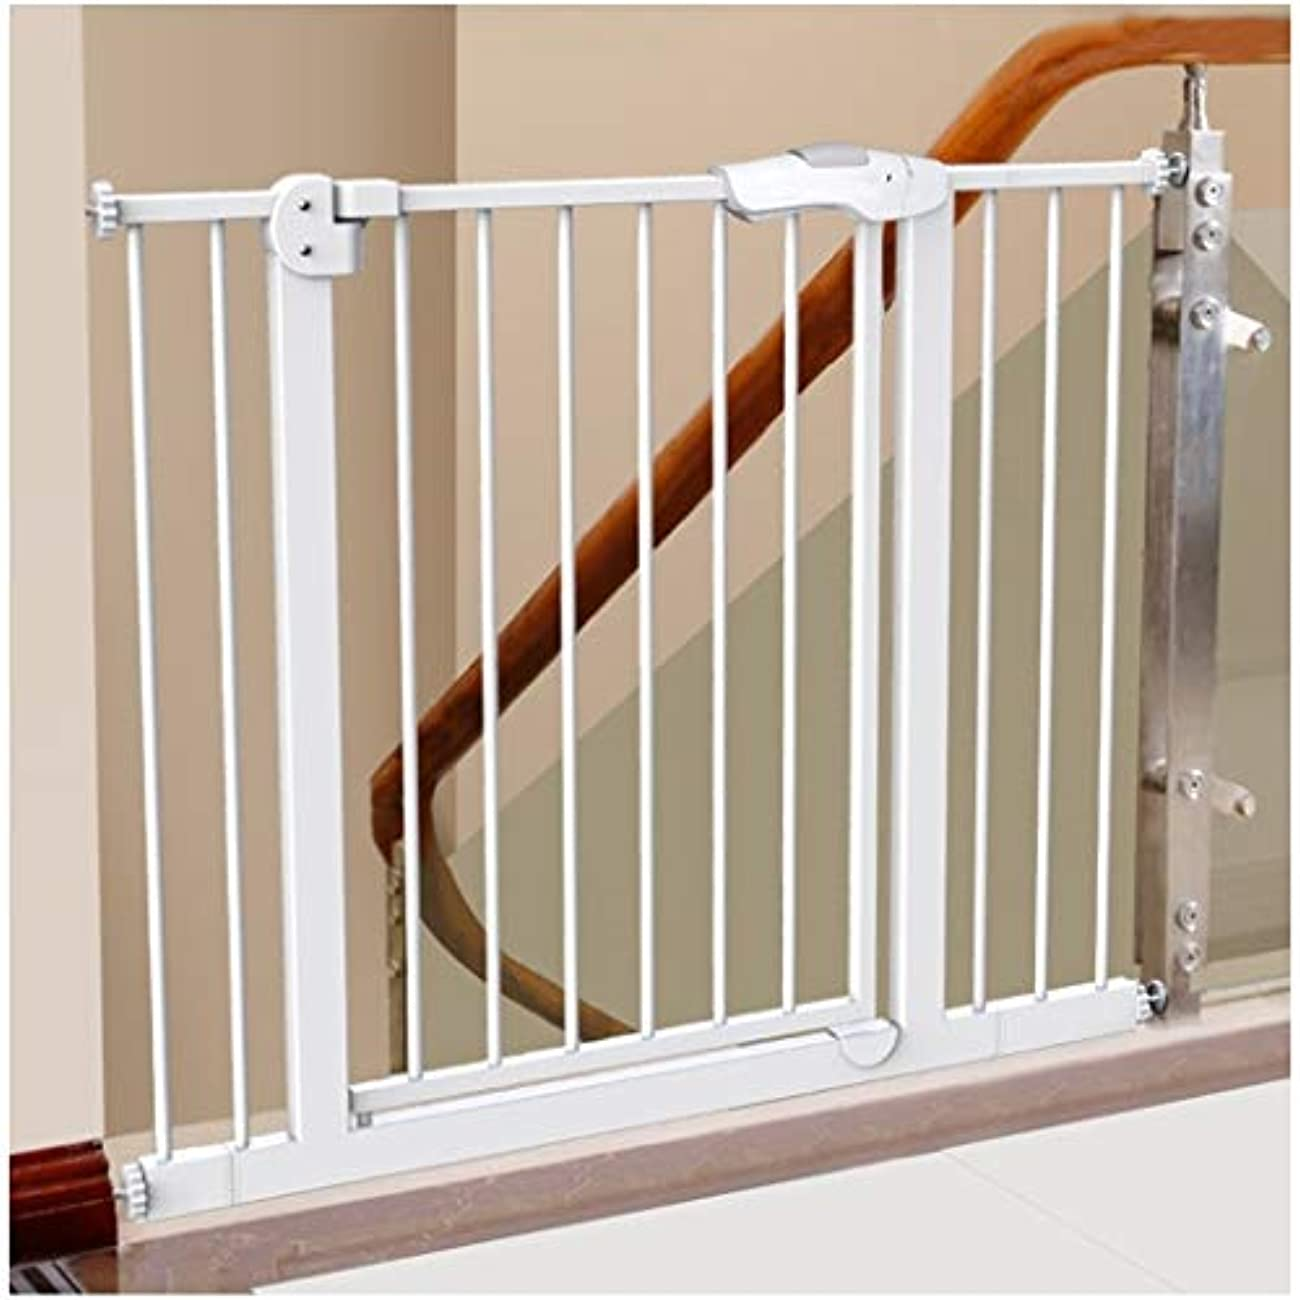 トンネル褐色無一文フェンス 拡張赤ちゃんの安全ゲイツ自動閉会階段装飾ペットフェンスアイルレールガード金属は、ガードレールをインストールする簡単なフェンスを再生します As-01 (Color : High78cm width, Size : 255-264cm)